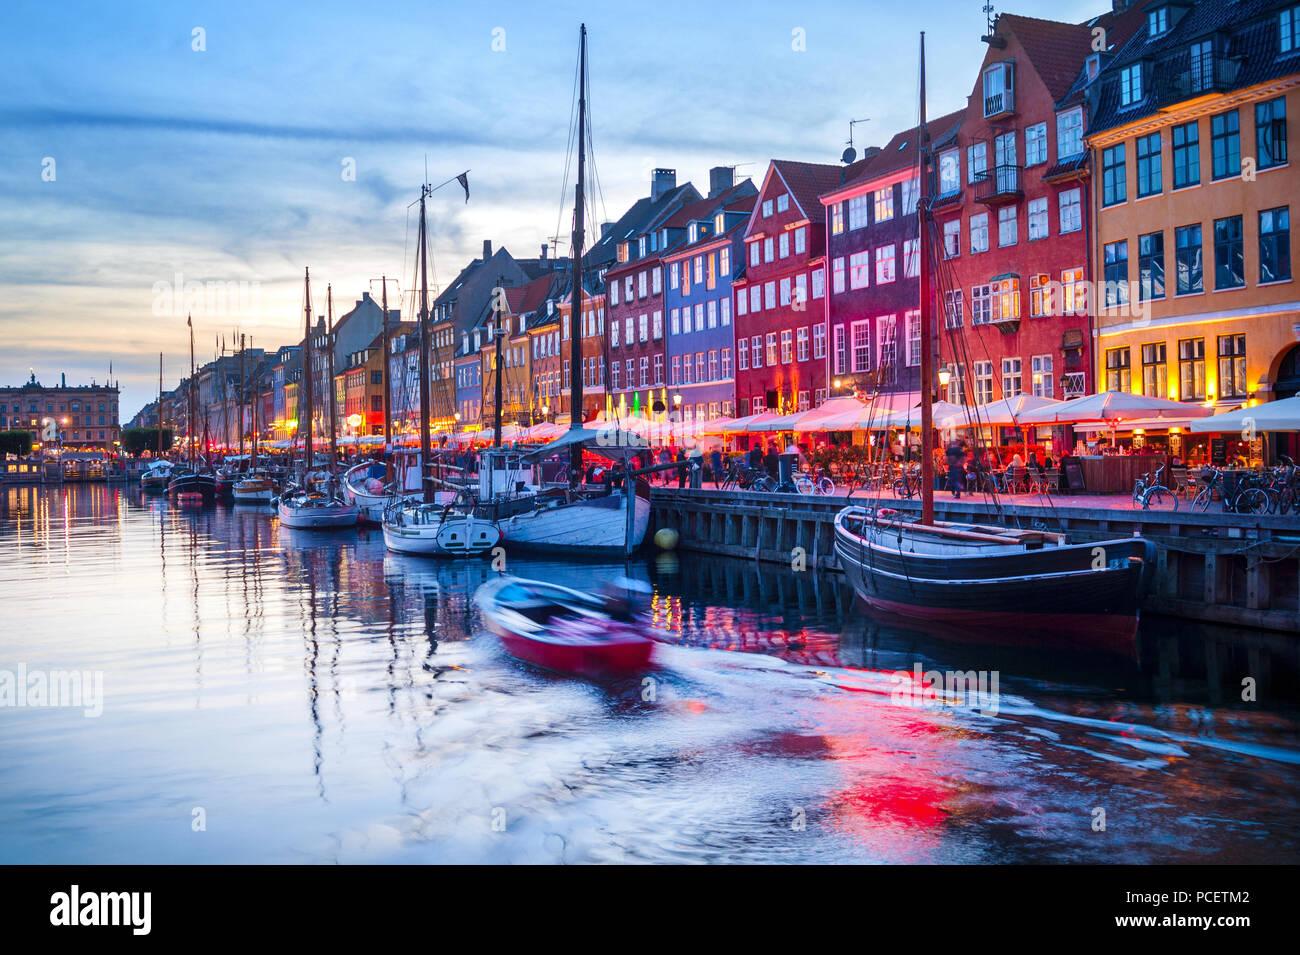 Abend Szene mit Booten durch die beleuchtete Nyhavn harbour Damm, Kopenhagen, Dänemark Stockbild